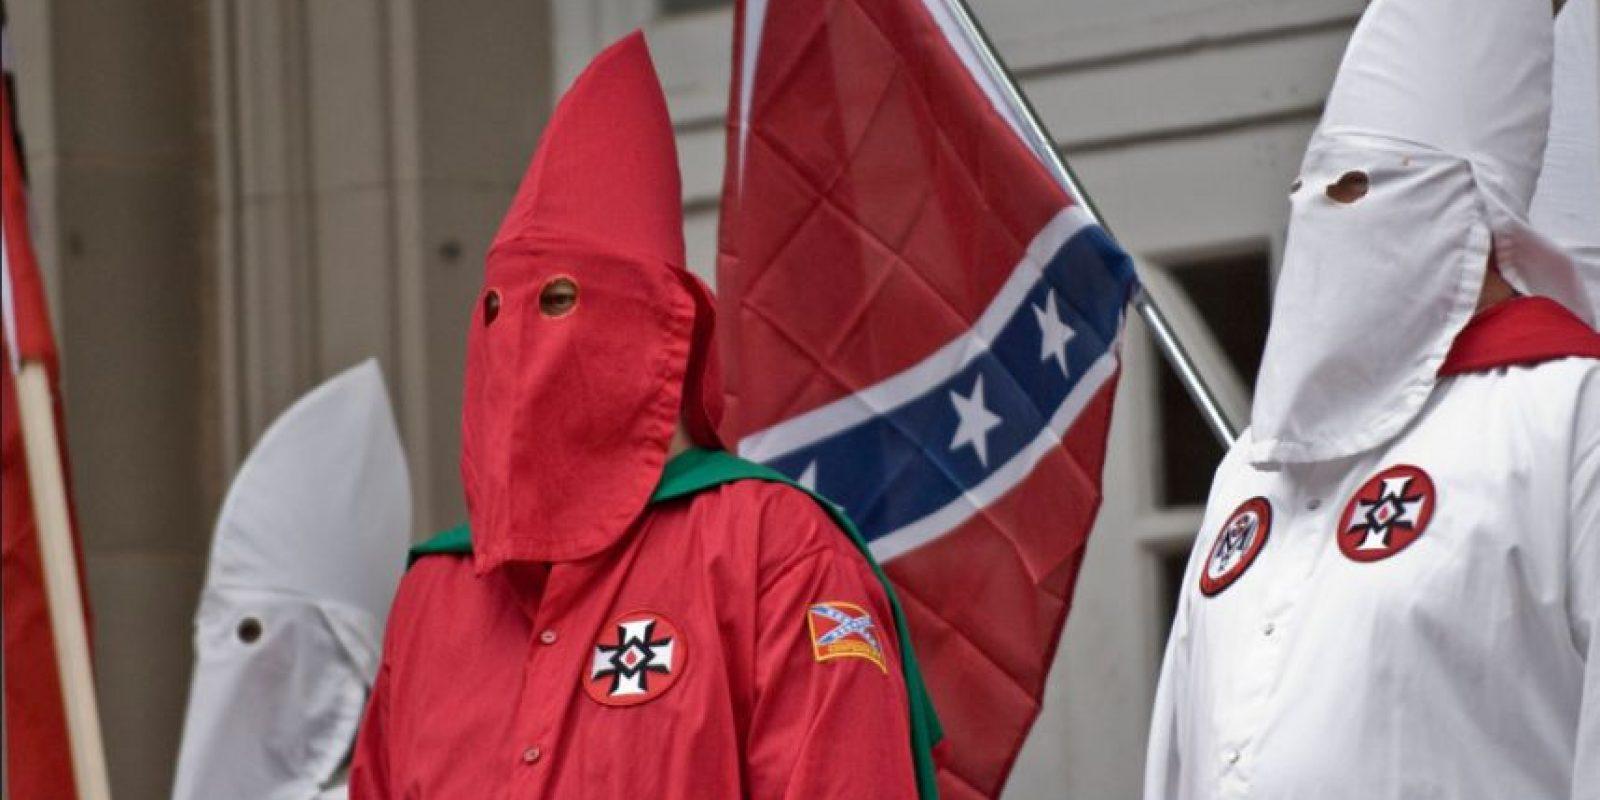 Ku Klux Klan es una organización que promueve principalmente la xenofobia, así como la supremacía de la raza blanca, homofobia, el antisemitismo y el racismo. Foto:Vía Flickr.com